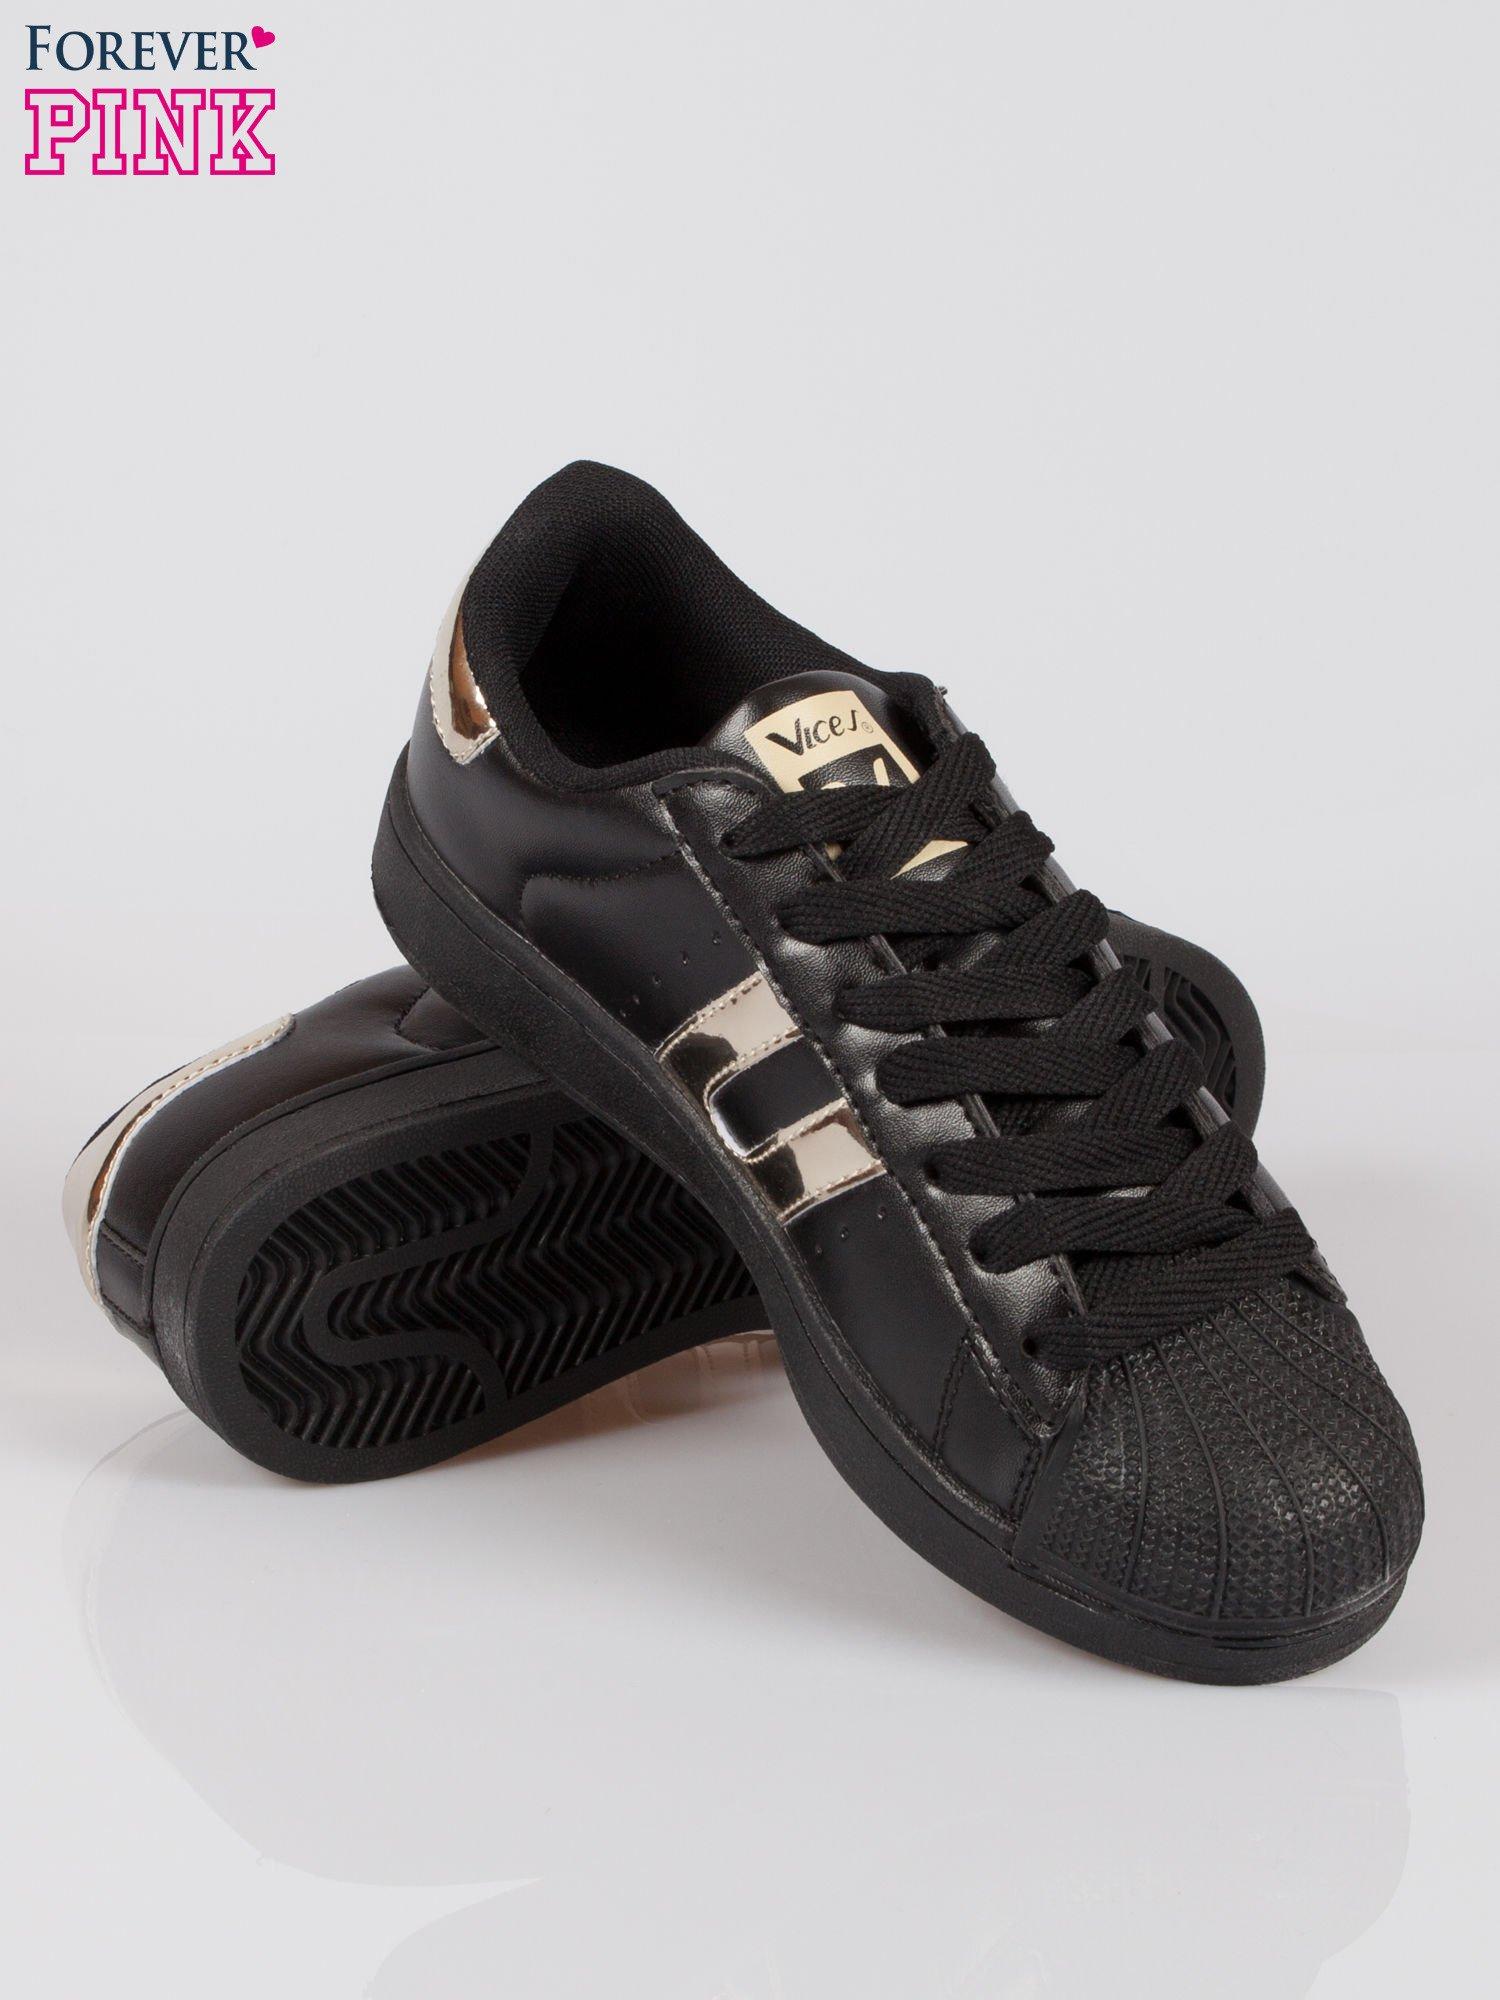 Czarne adidasy damskie ze złotą wstawką                                  zdj.                                  4